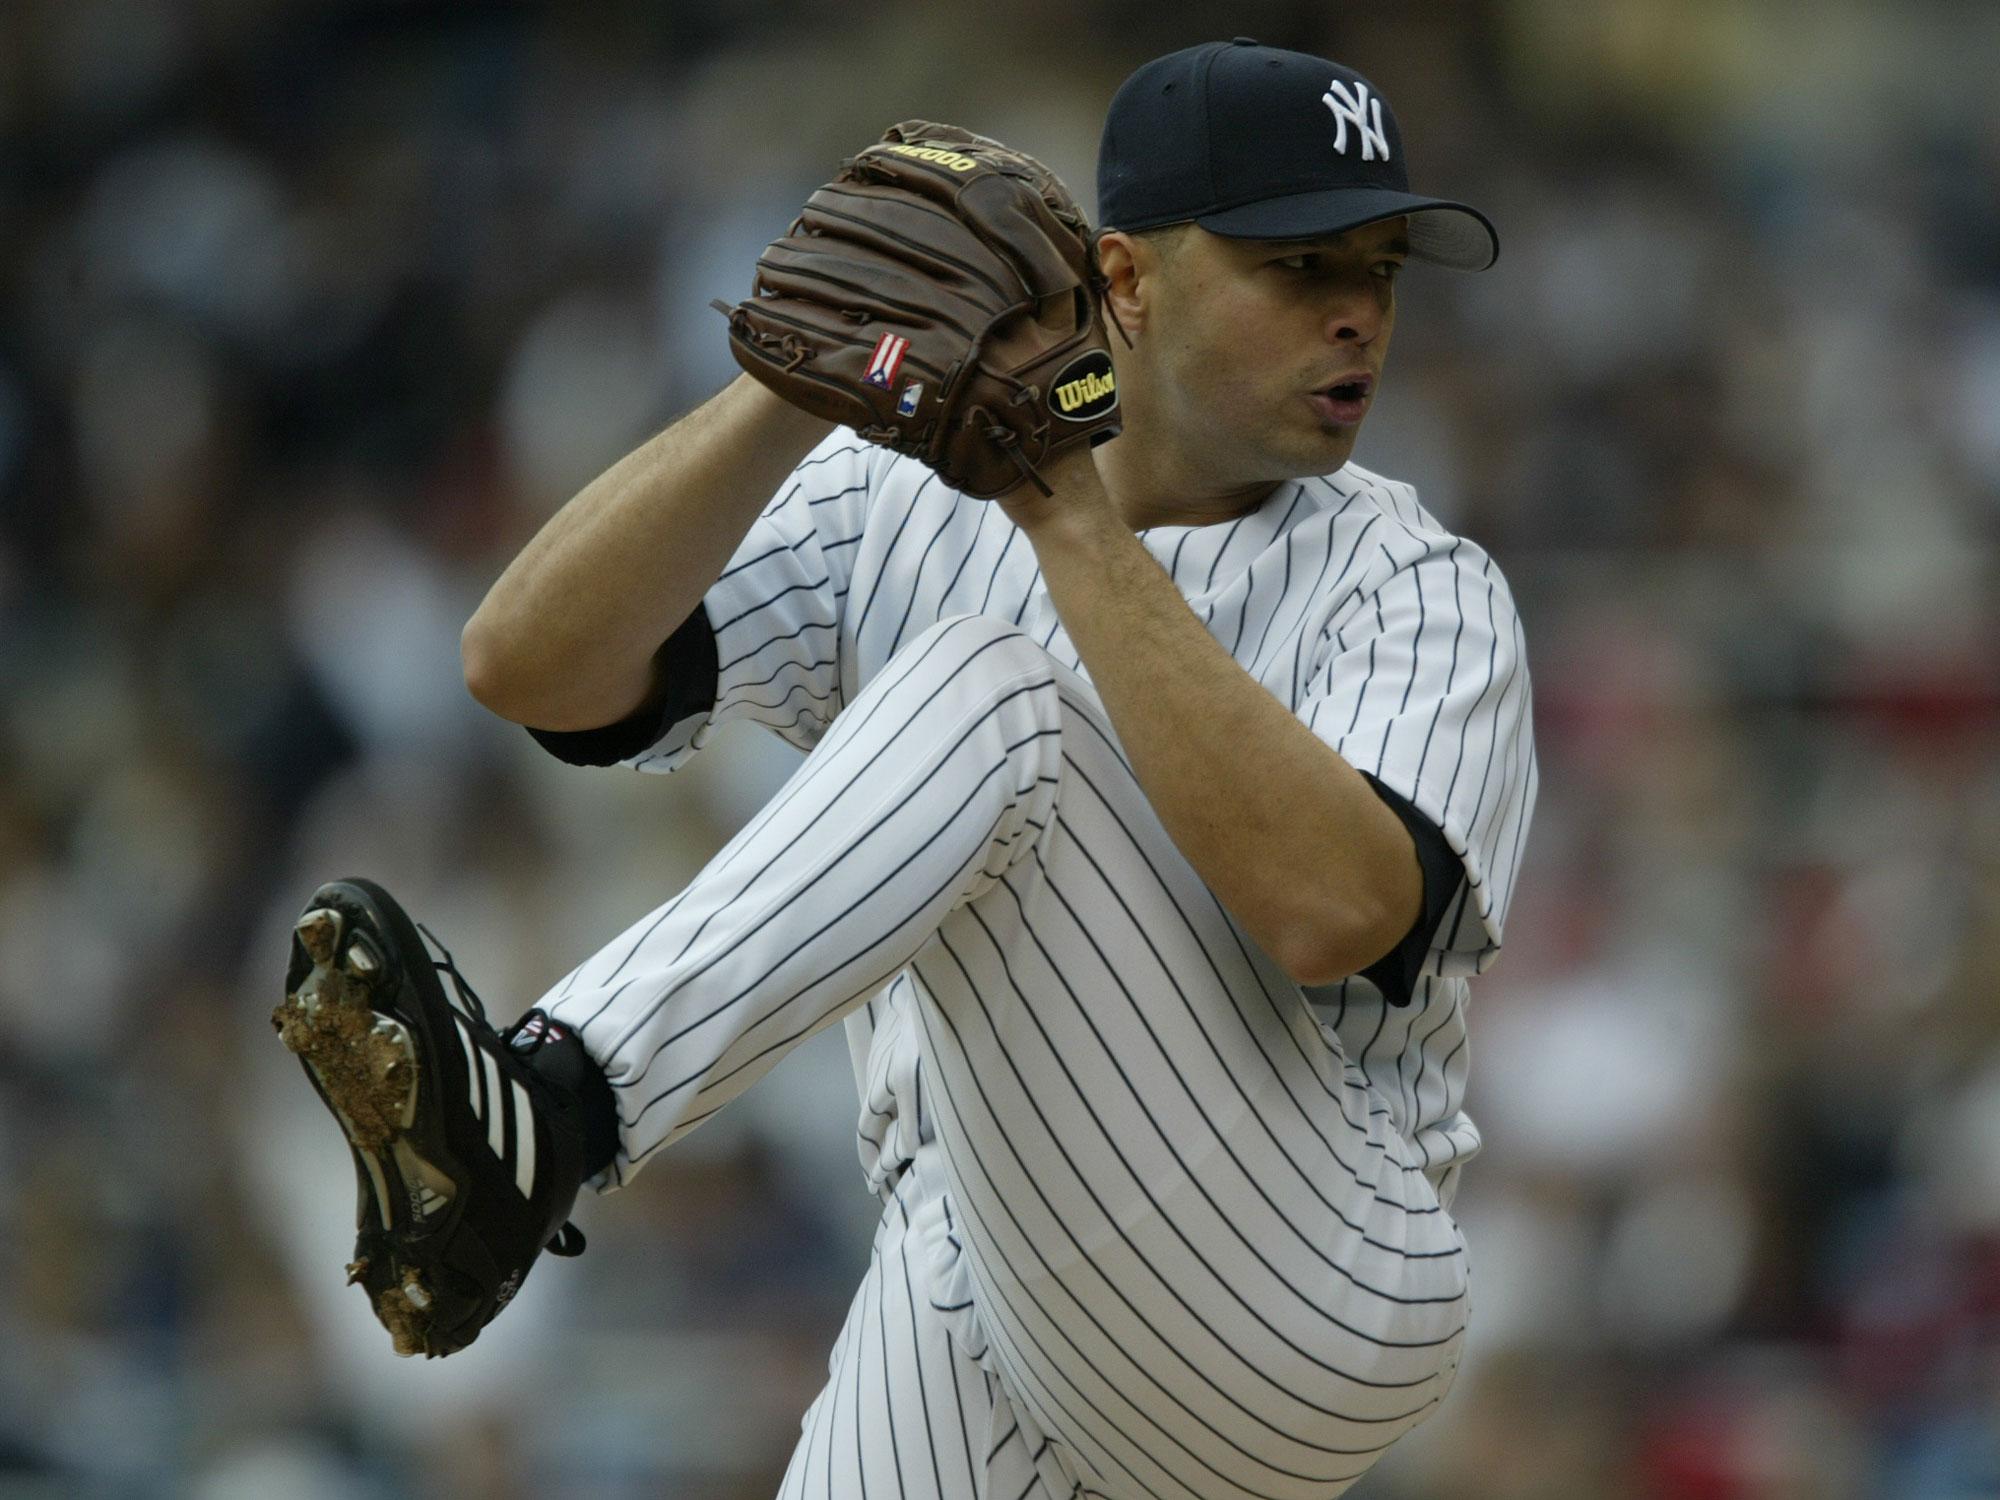 Javier Vazquez, New York Yankees